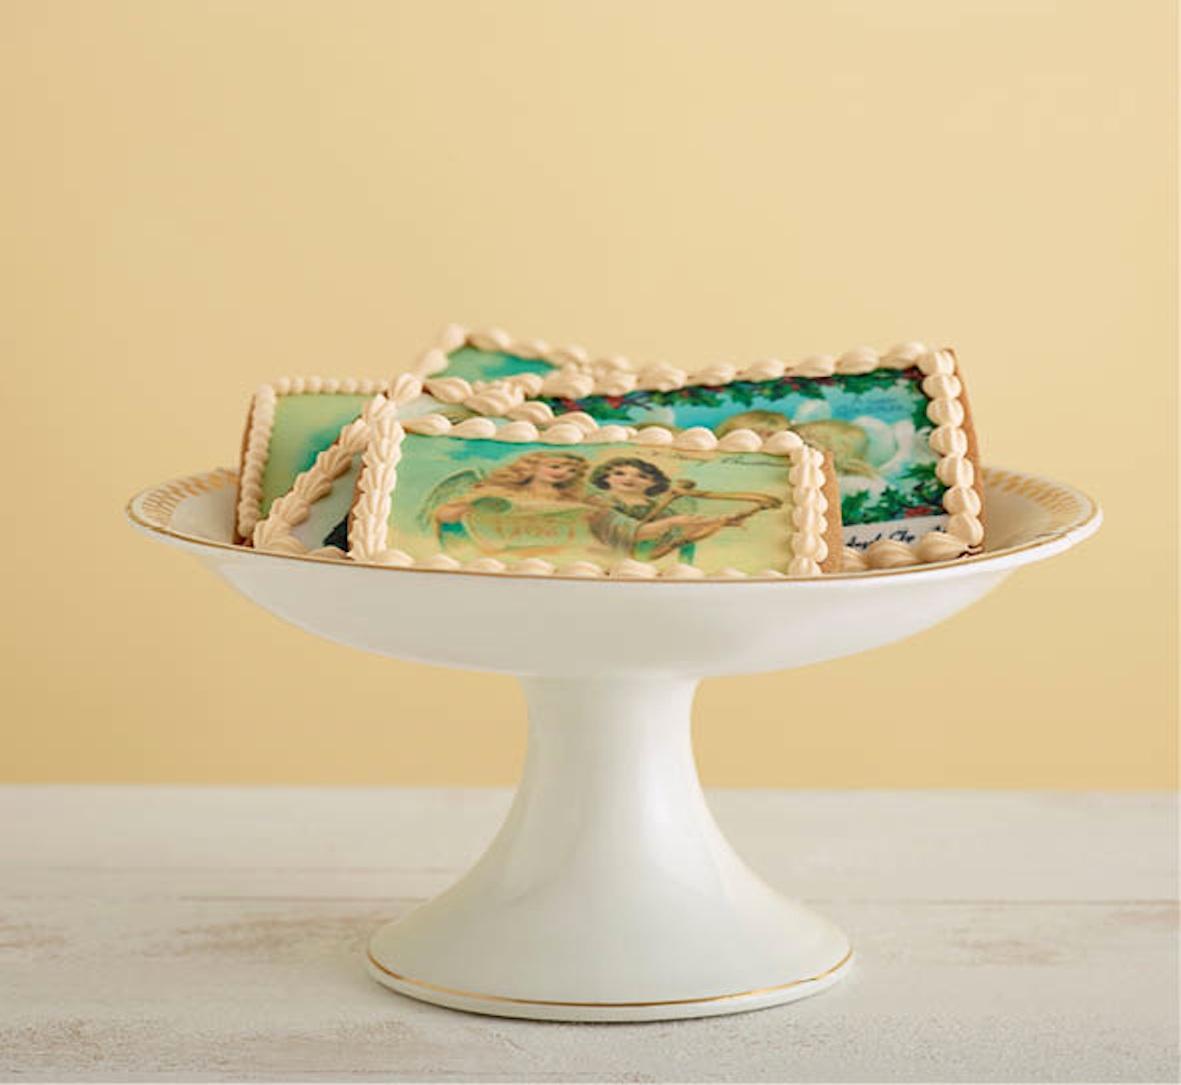 ☃ Een paar tips en suggesties ☃      Een toffe (en superservice) webshop voor 'koekjes-materiaal' allerhande is  Koek It .    Als je de koekjes wil verpakken, wikkel ze eerst in een stukje bakpapier om vetvlekken op de verpakking te vermijden. Je kan ze de perfecte finishing touch geven met een DIY verpakking, leuke ideetjes van  Brit + Co  !    Wie er na een creatieve koekjesnamiddag maar geen genoeg van kan krijgen en zijn/haar skills wil perfectioneren, raad ik de workshops van de  Koekenbakkers  aan. Ze gaan regelmatig (en zeker op vraag) door in Nederland & Belgie.    Finally, deze 'kaartjes' worden best persoonlijk afgegeven (just saying...)      PS : misschien wil je dit jaar de verre nichten en neven overslaan en de koekjes zelf opeten ☺